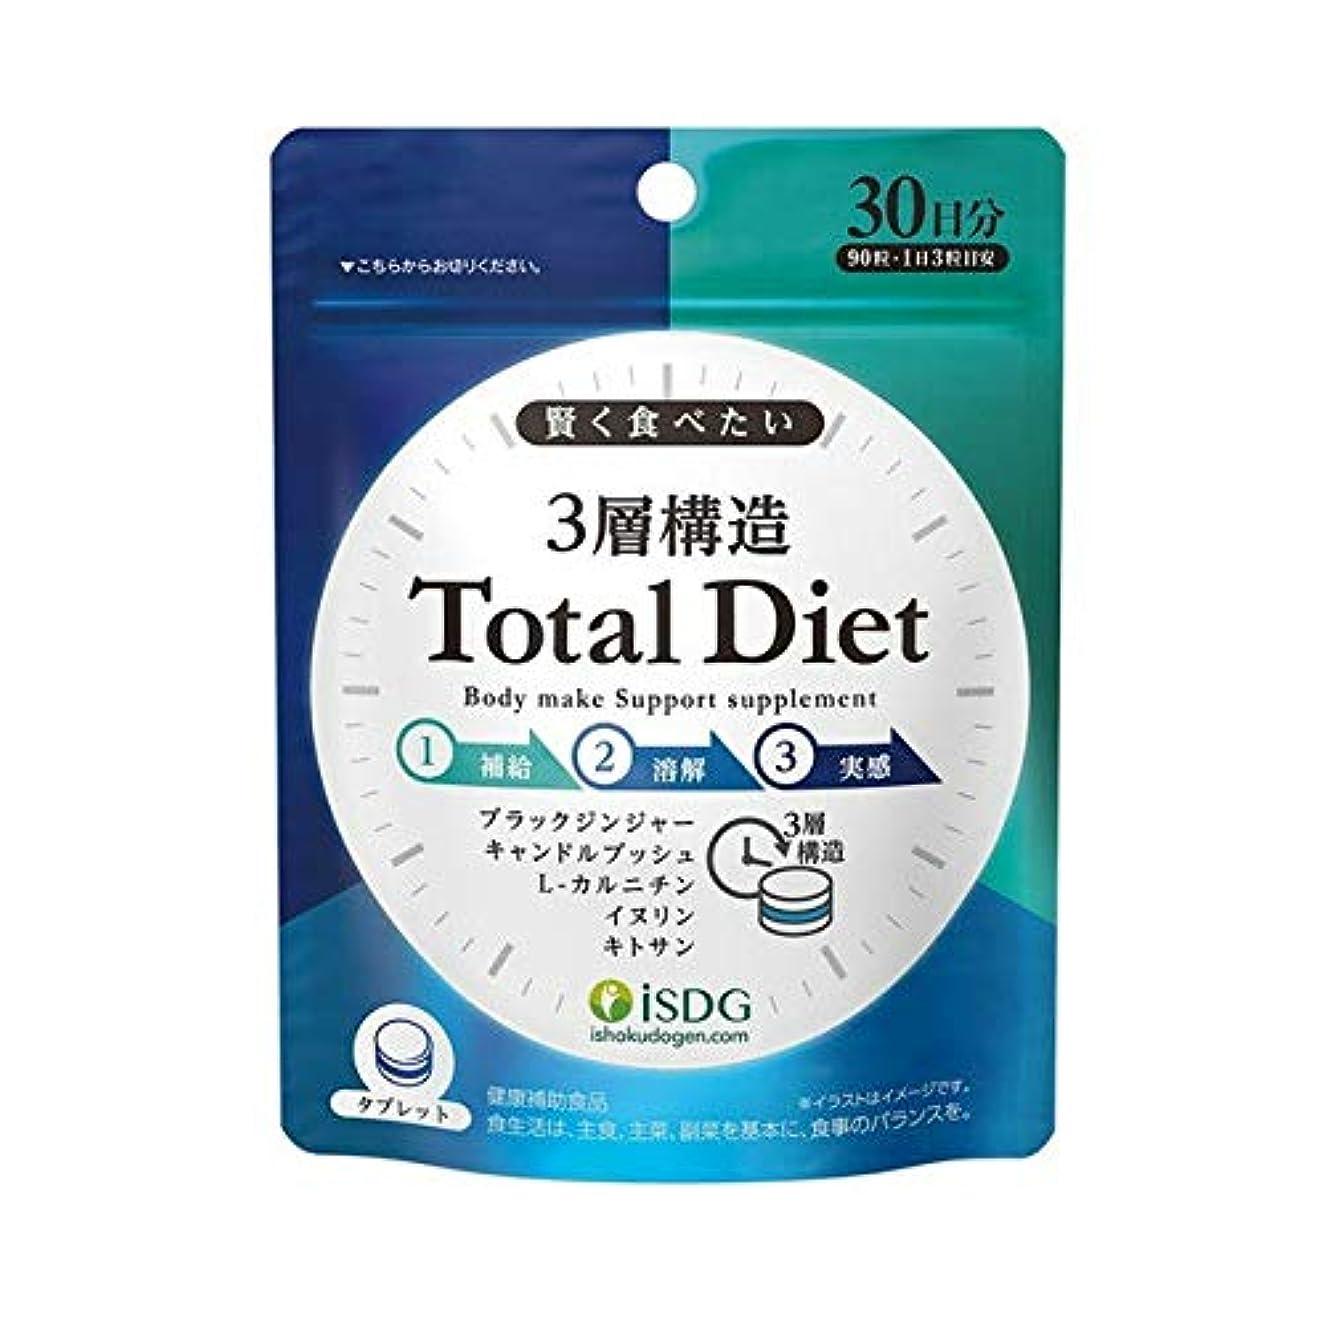 医食同源ドットコム ISDG 3層構造 Total Diet 90粒入 トータル ダイエット×3個セット